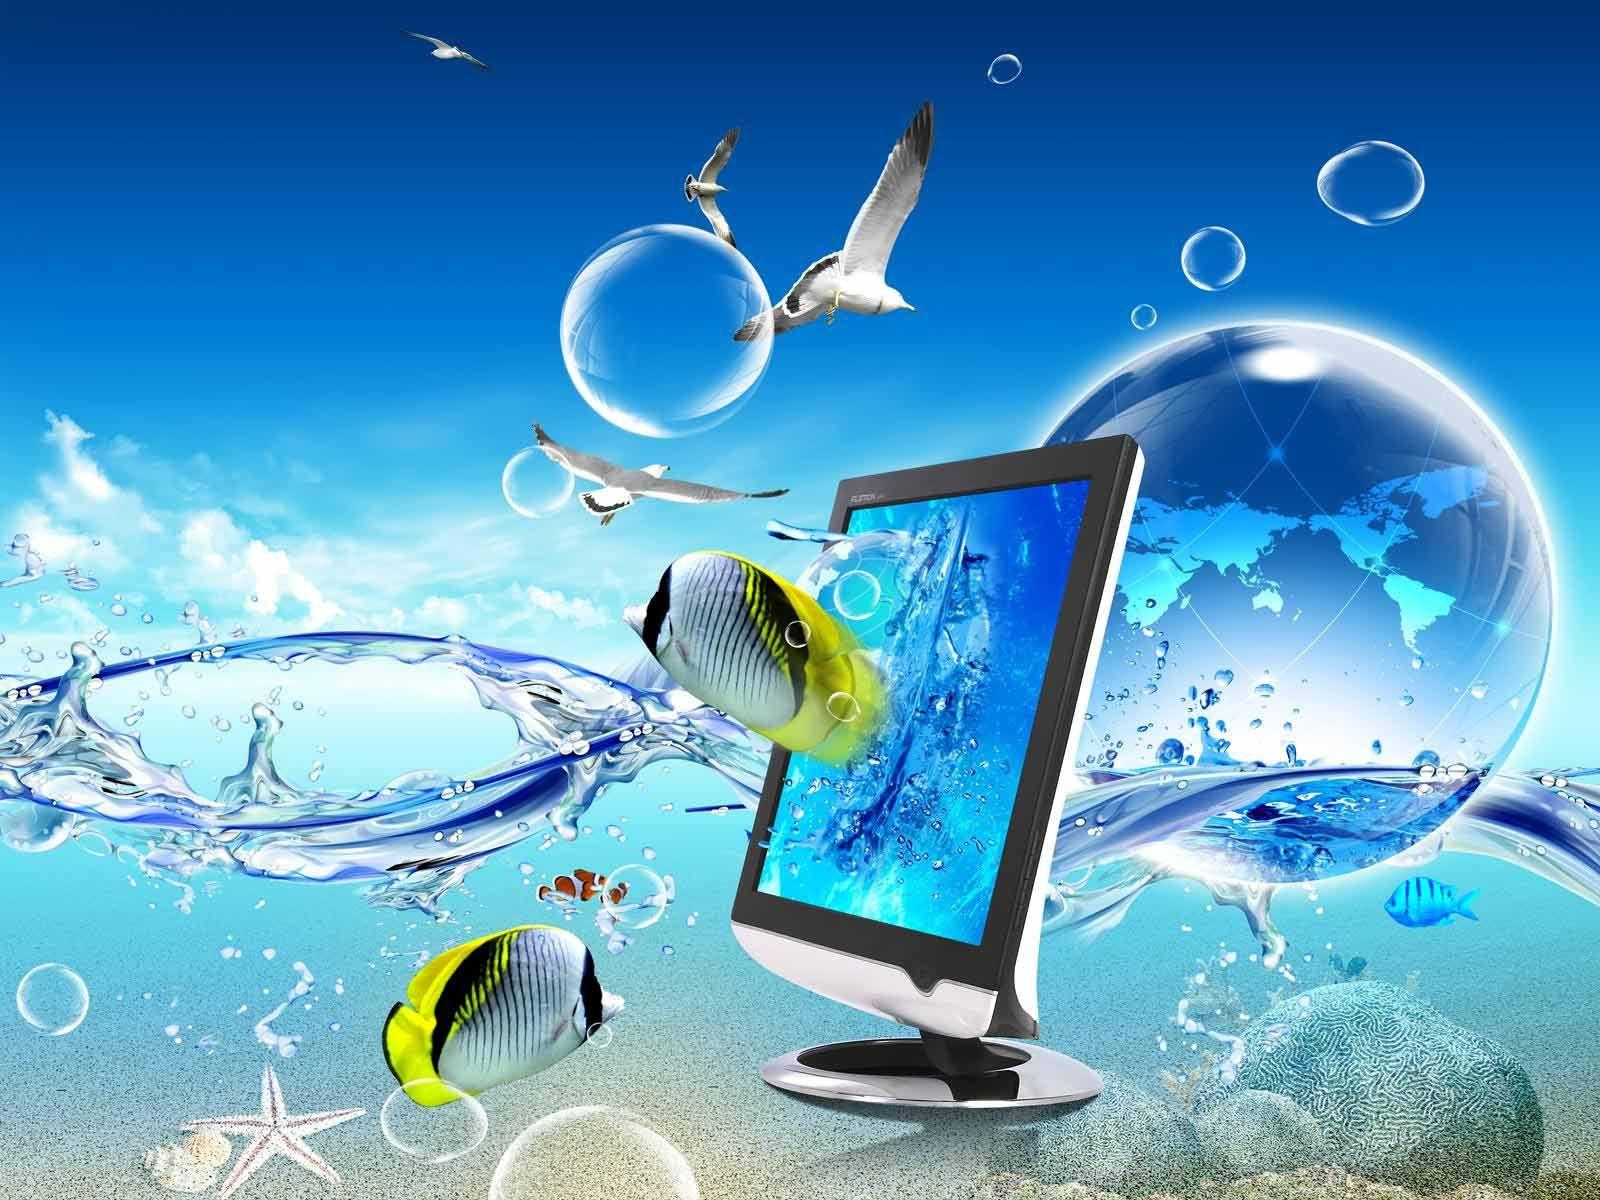 Wallpaper download best - Best Desktop Wallpapers Free Download